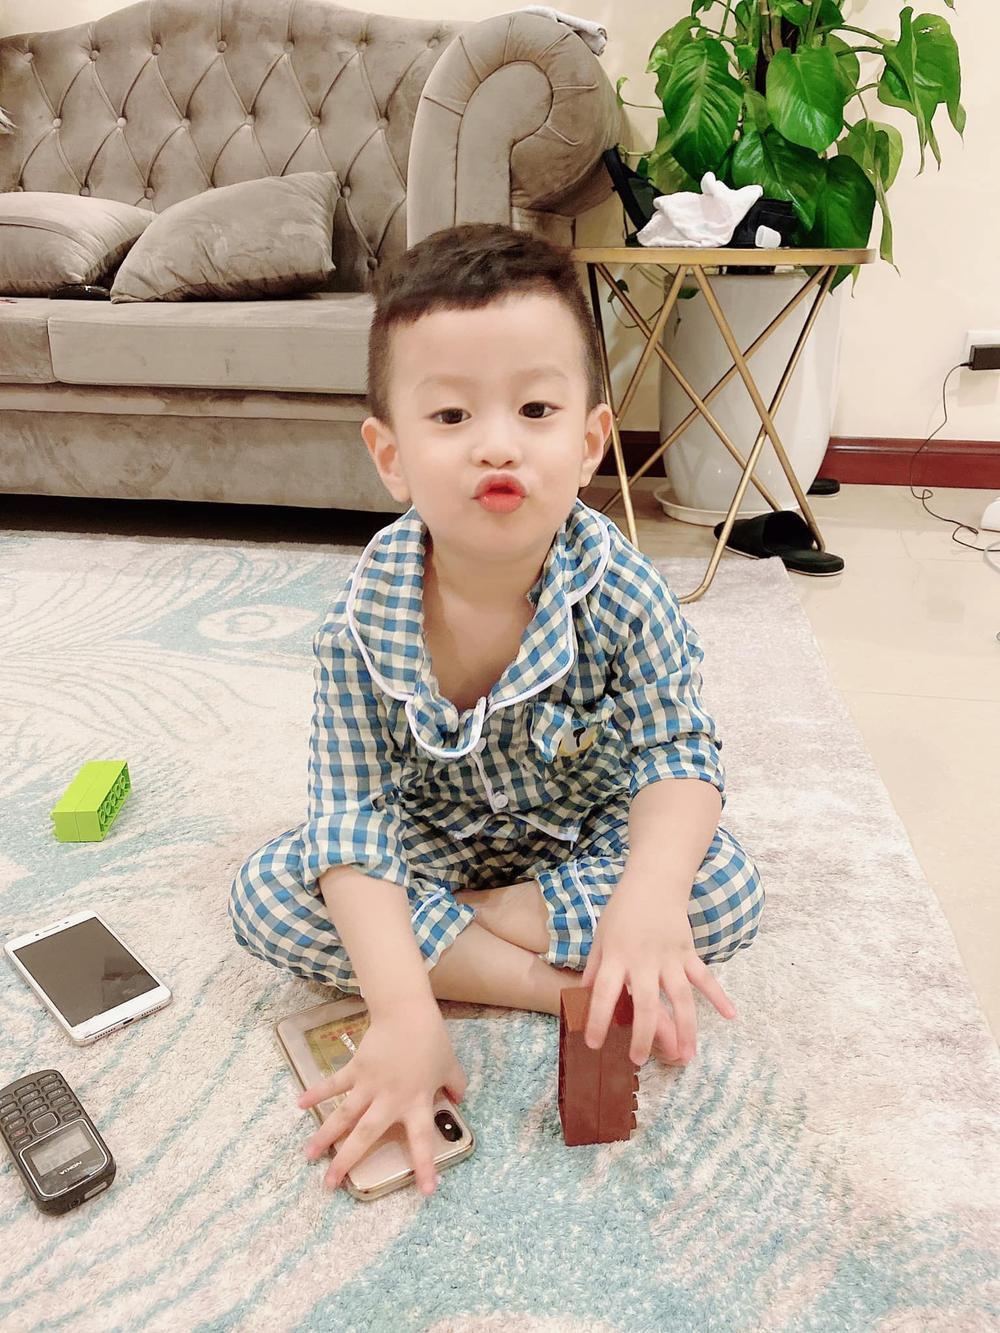 Từng căng thẳng hậu ly hôn, nay Việt Anh đã thoải mái qua nhà vợ cũ phụ chăm con trai Ảnh 3